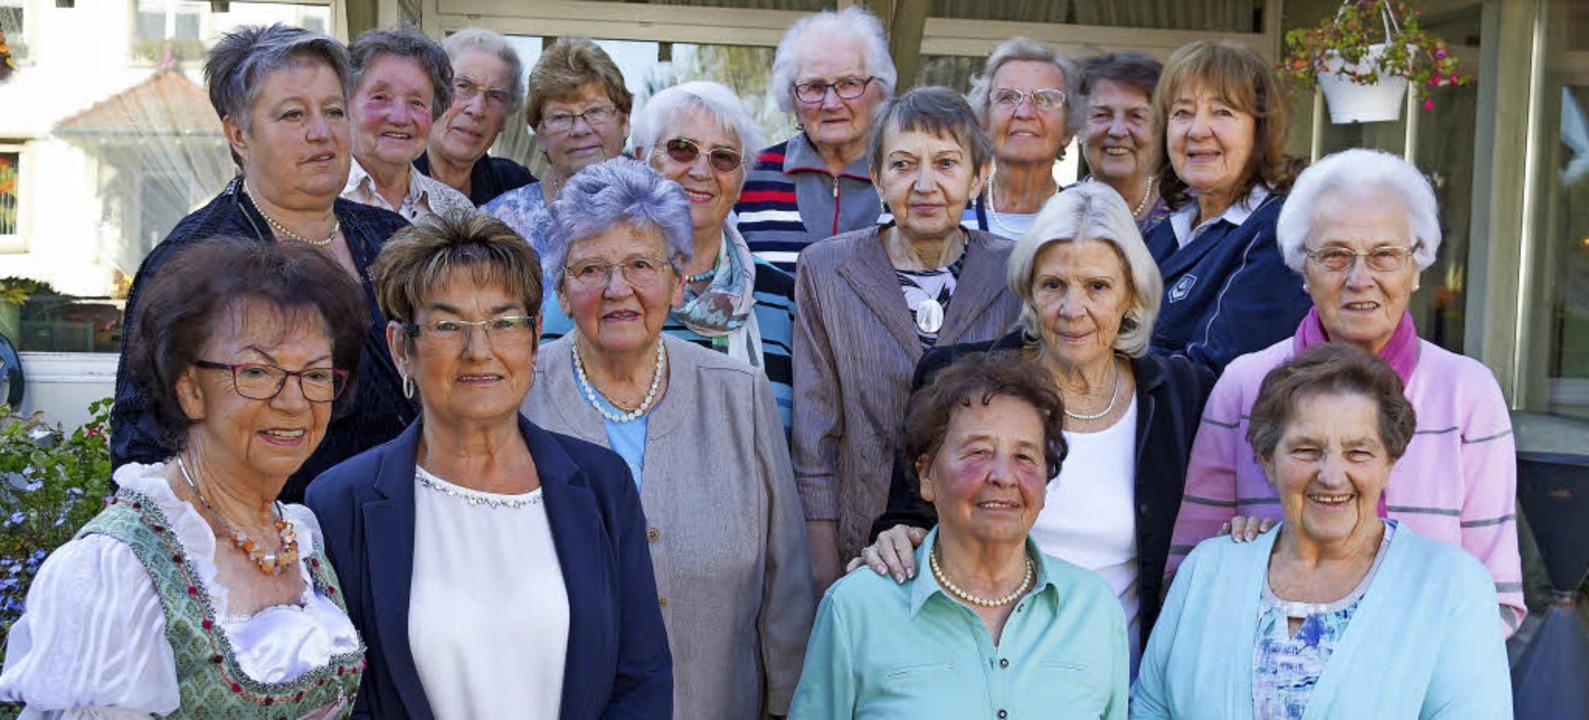 Die Birkendorfer  Gymnastikfrauen feiern das  50-jährige Bestehen der Gruppe.   | Foto: Christiane  Seifried